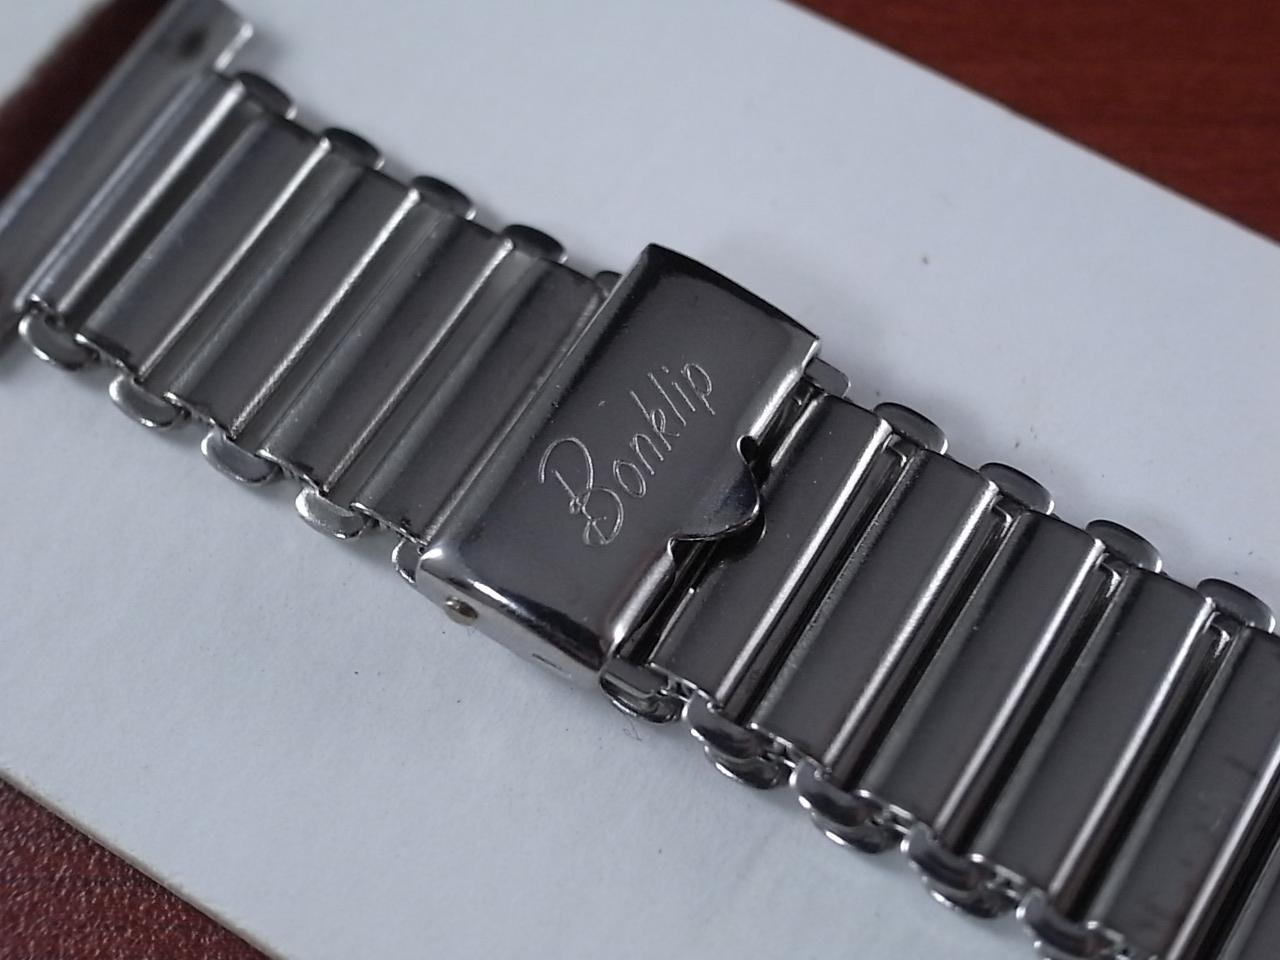 ボンクリップ バンブーブレス N.O.S. 筆記体ロゴ 13㎜タイプ 16㎜ BONKLIPの写真2枚目